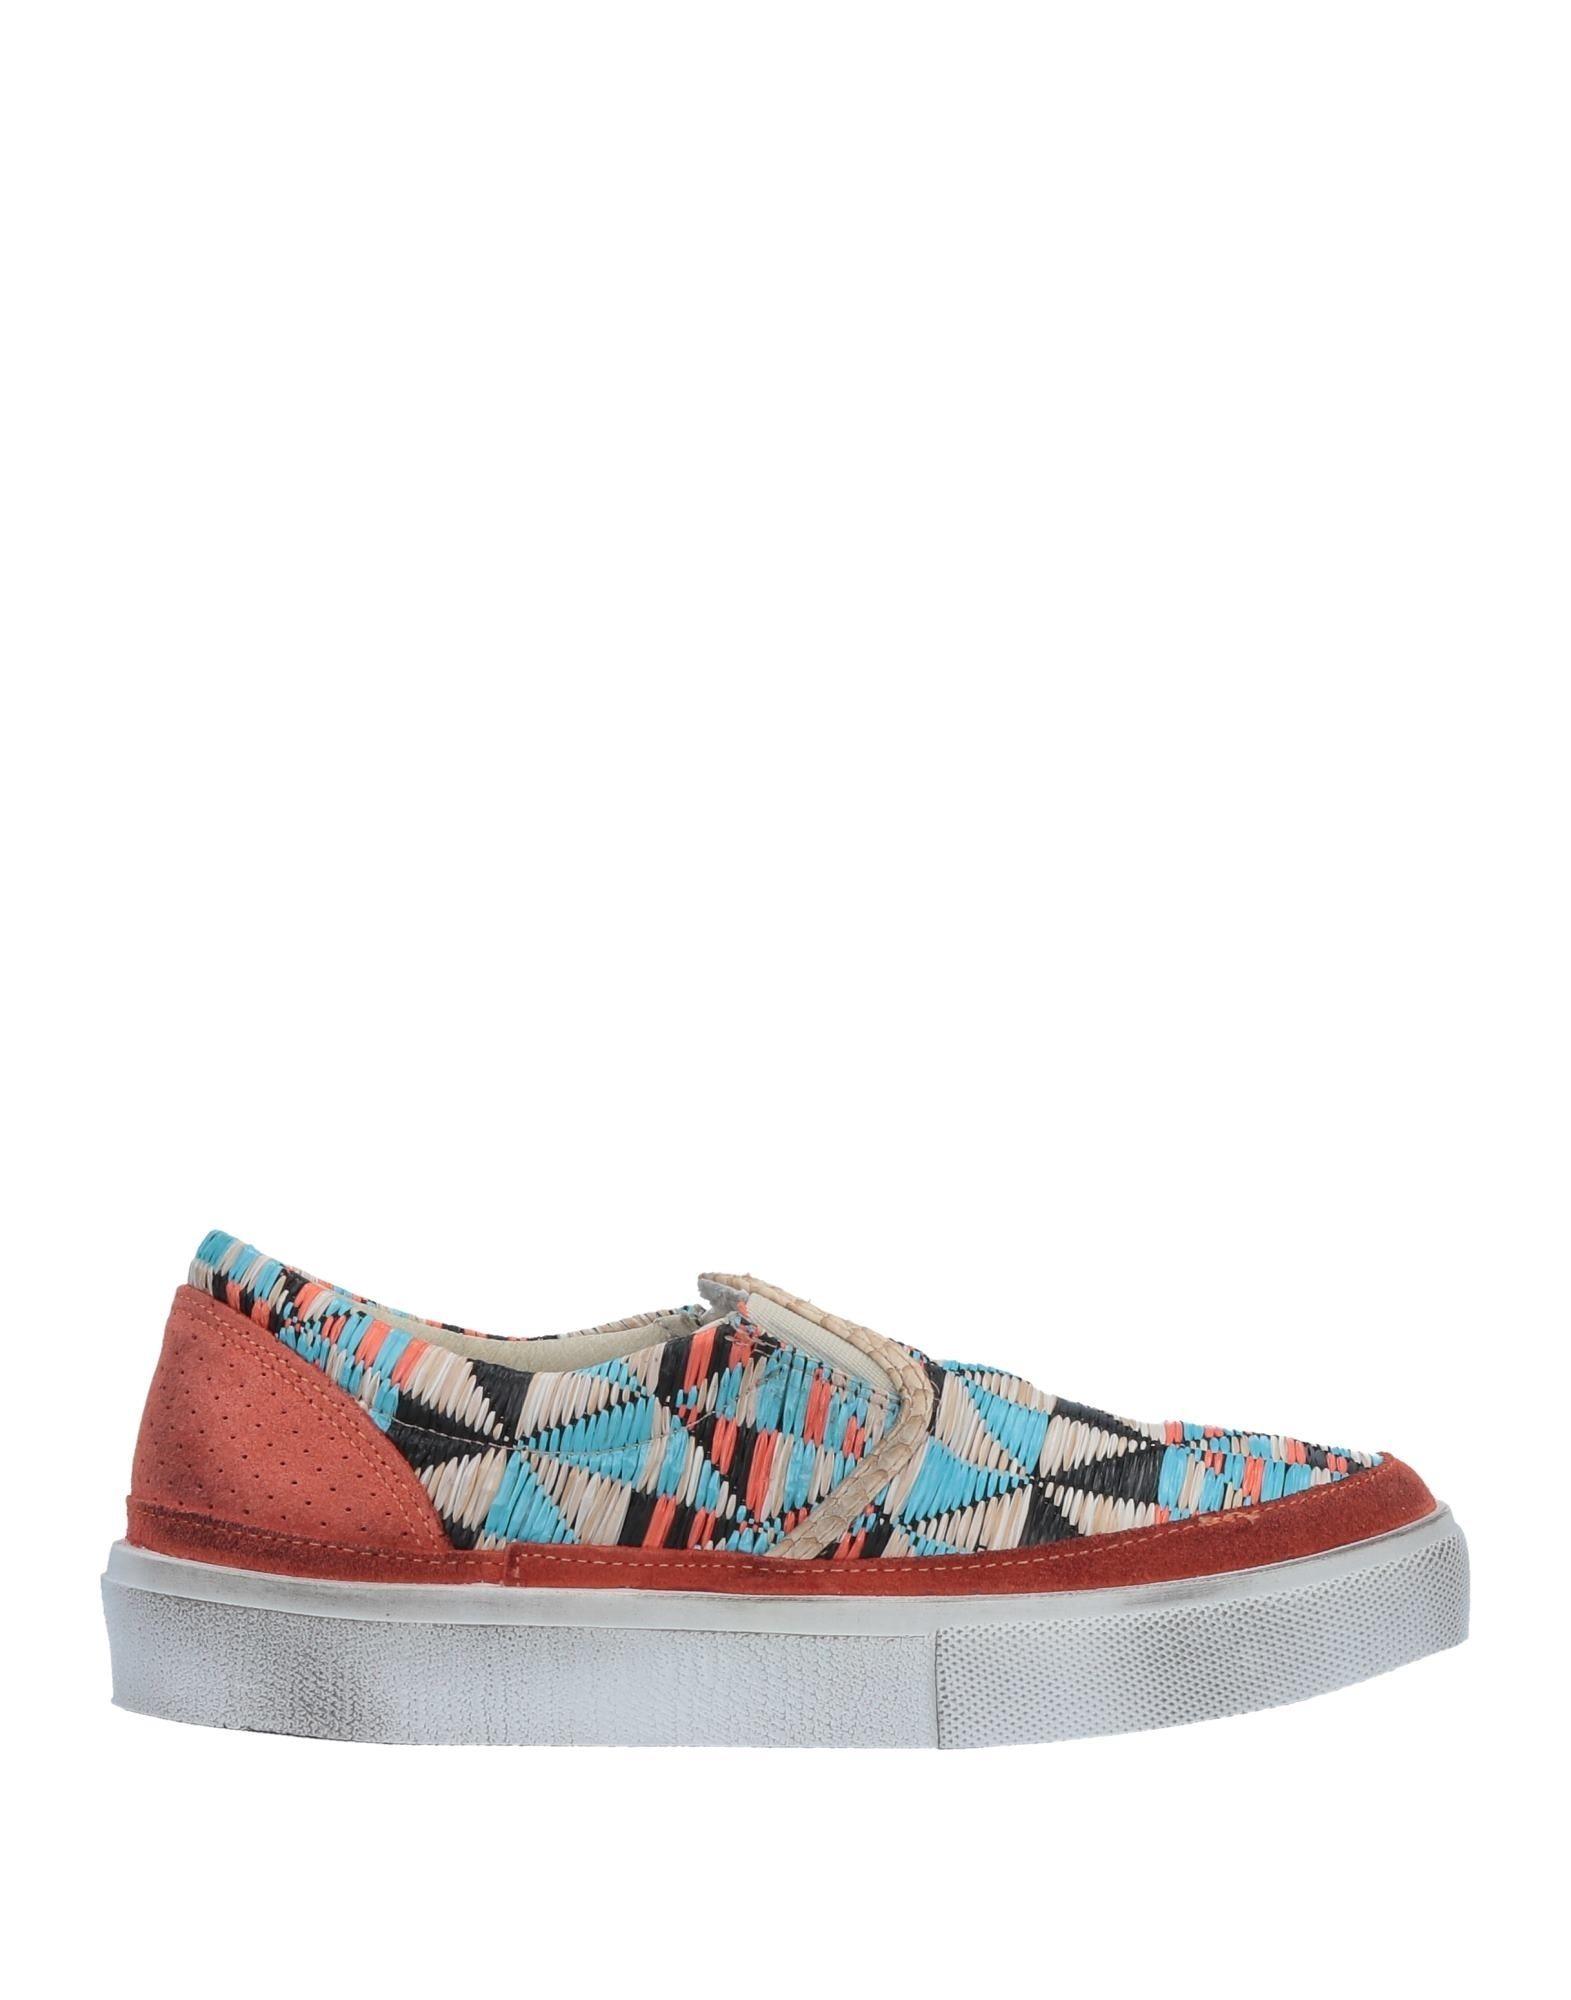 2Star Sneakers Damen  11506515IR Gute Qualität beliebte Schuhe